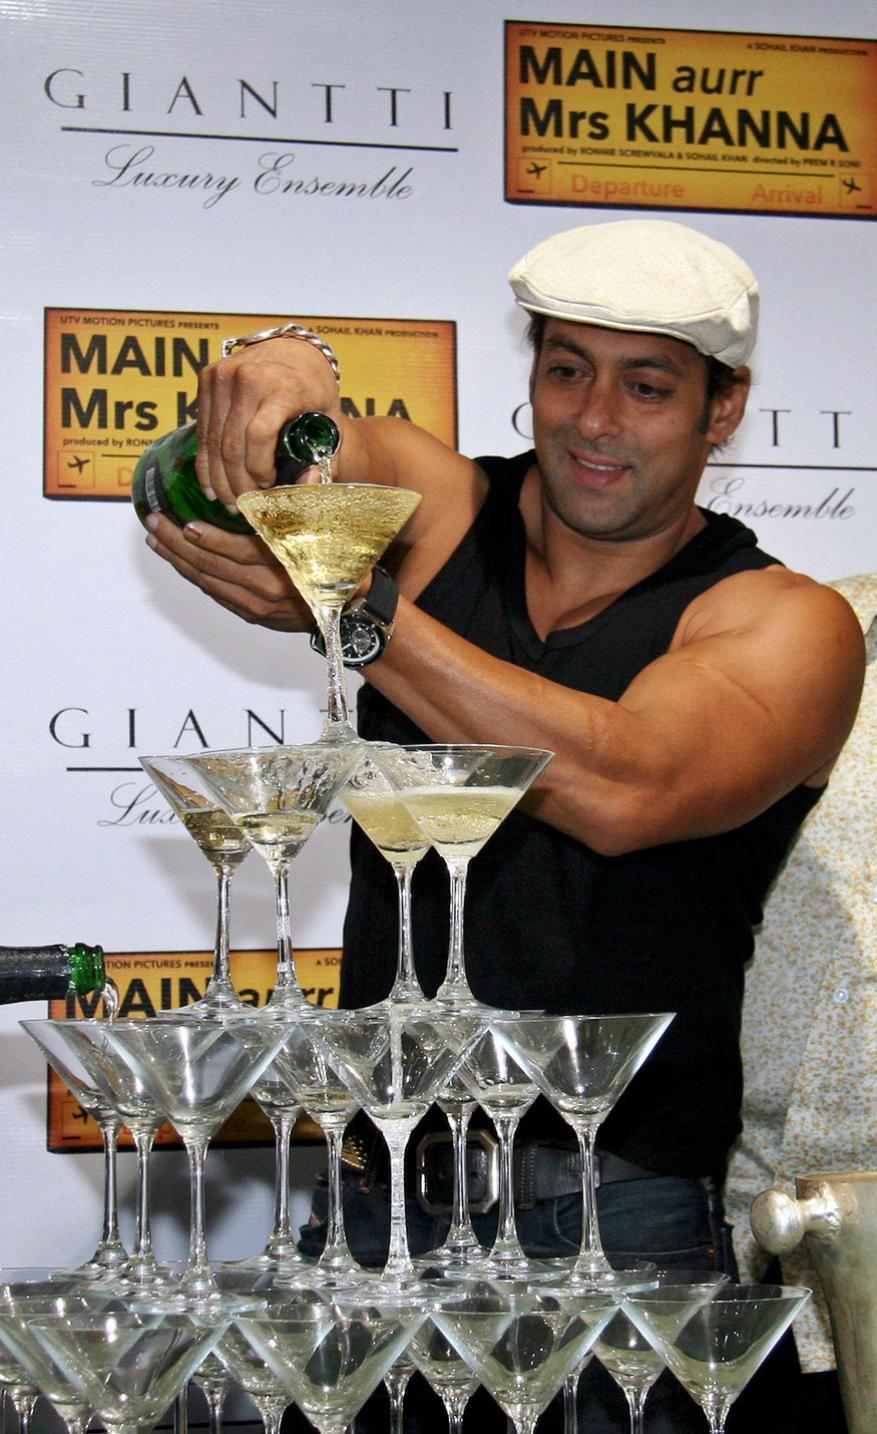 'मैं और मिसेस खन्ना' सिनेमाच्या प्रमोशन दरम्यान सलमान खान